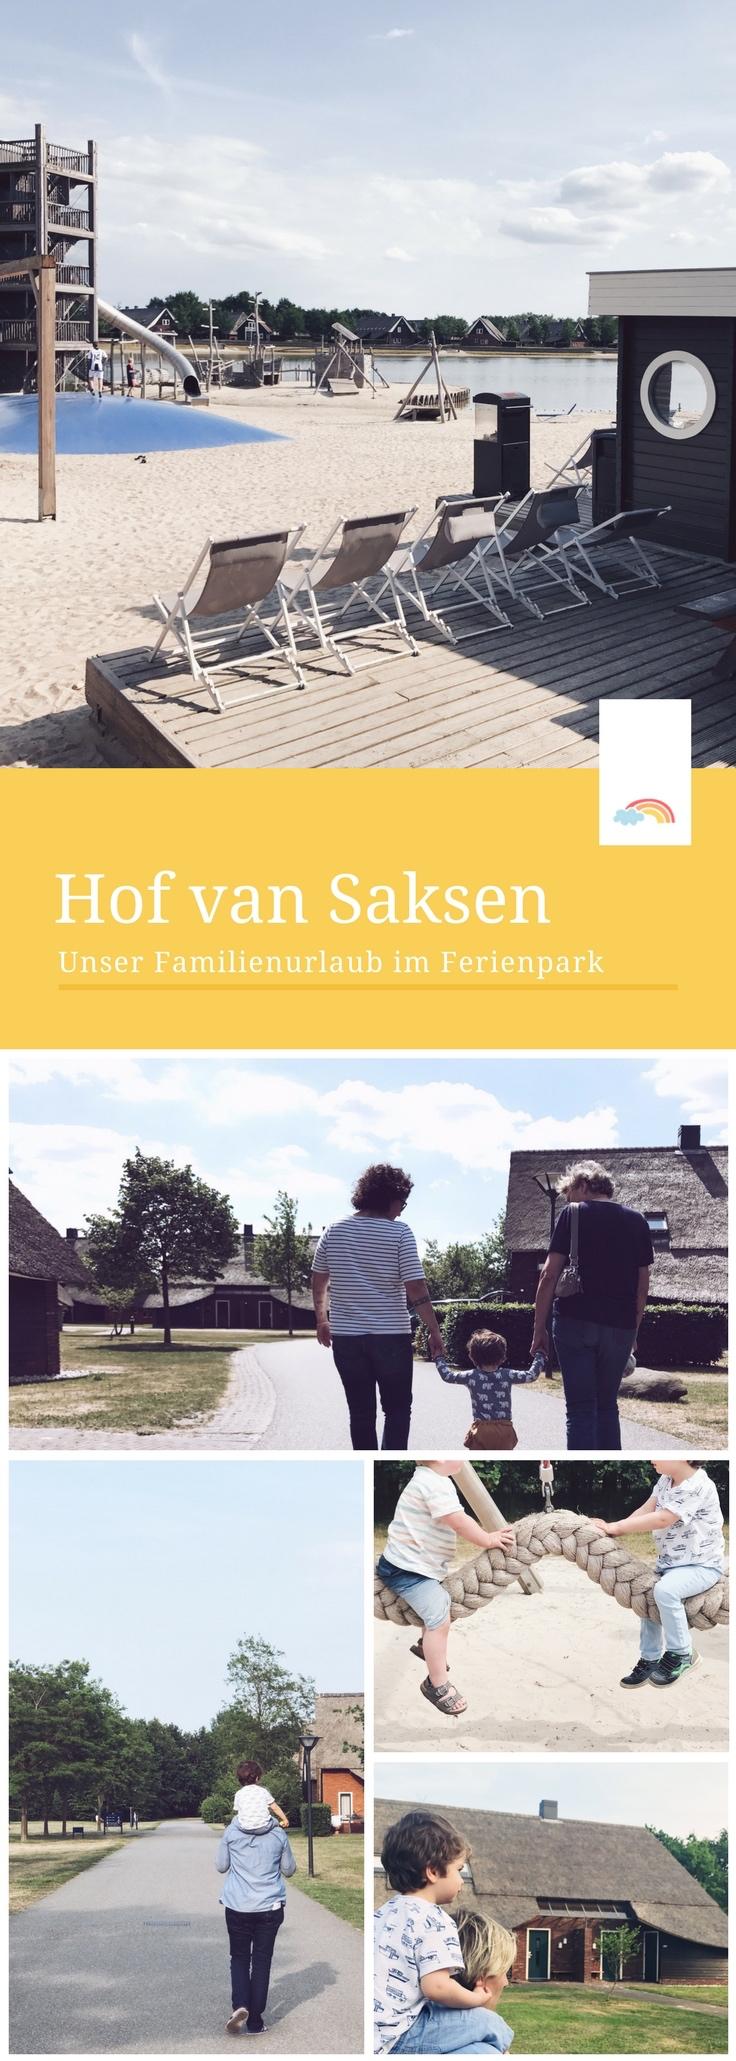 Hof van Saksen: Familienurlaub im Ferienpark - unsere Erfahrung + Tipps für einen tollen Aufenthalt